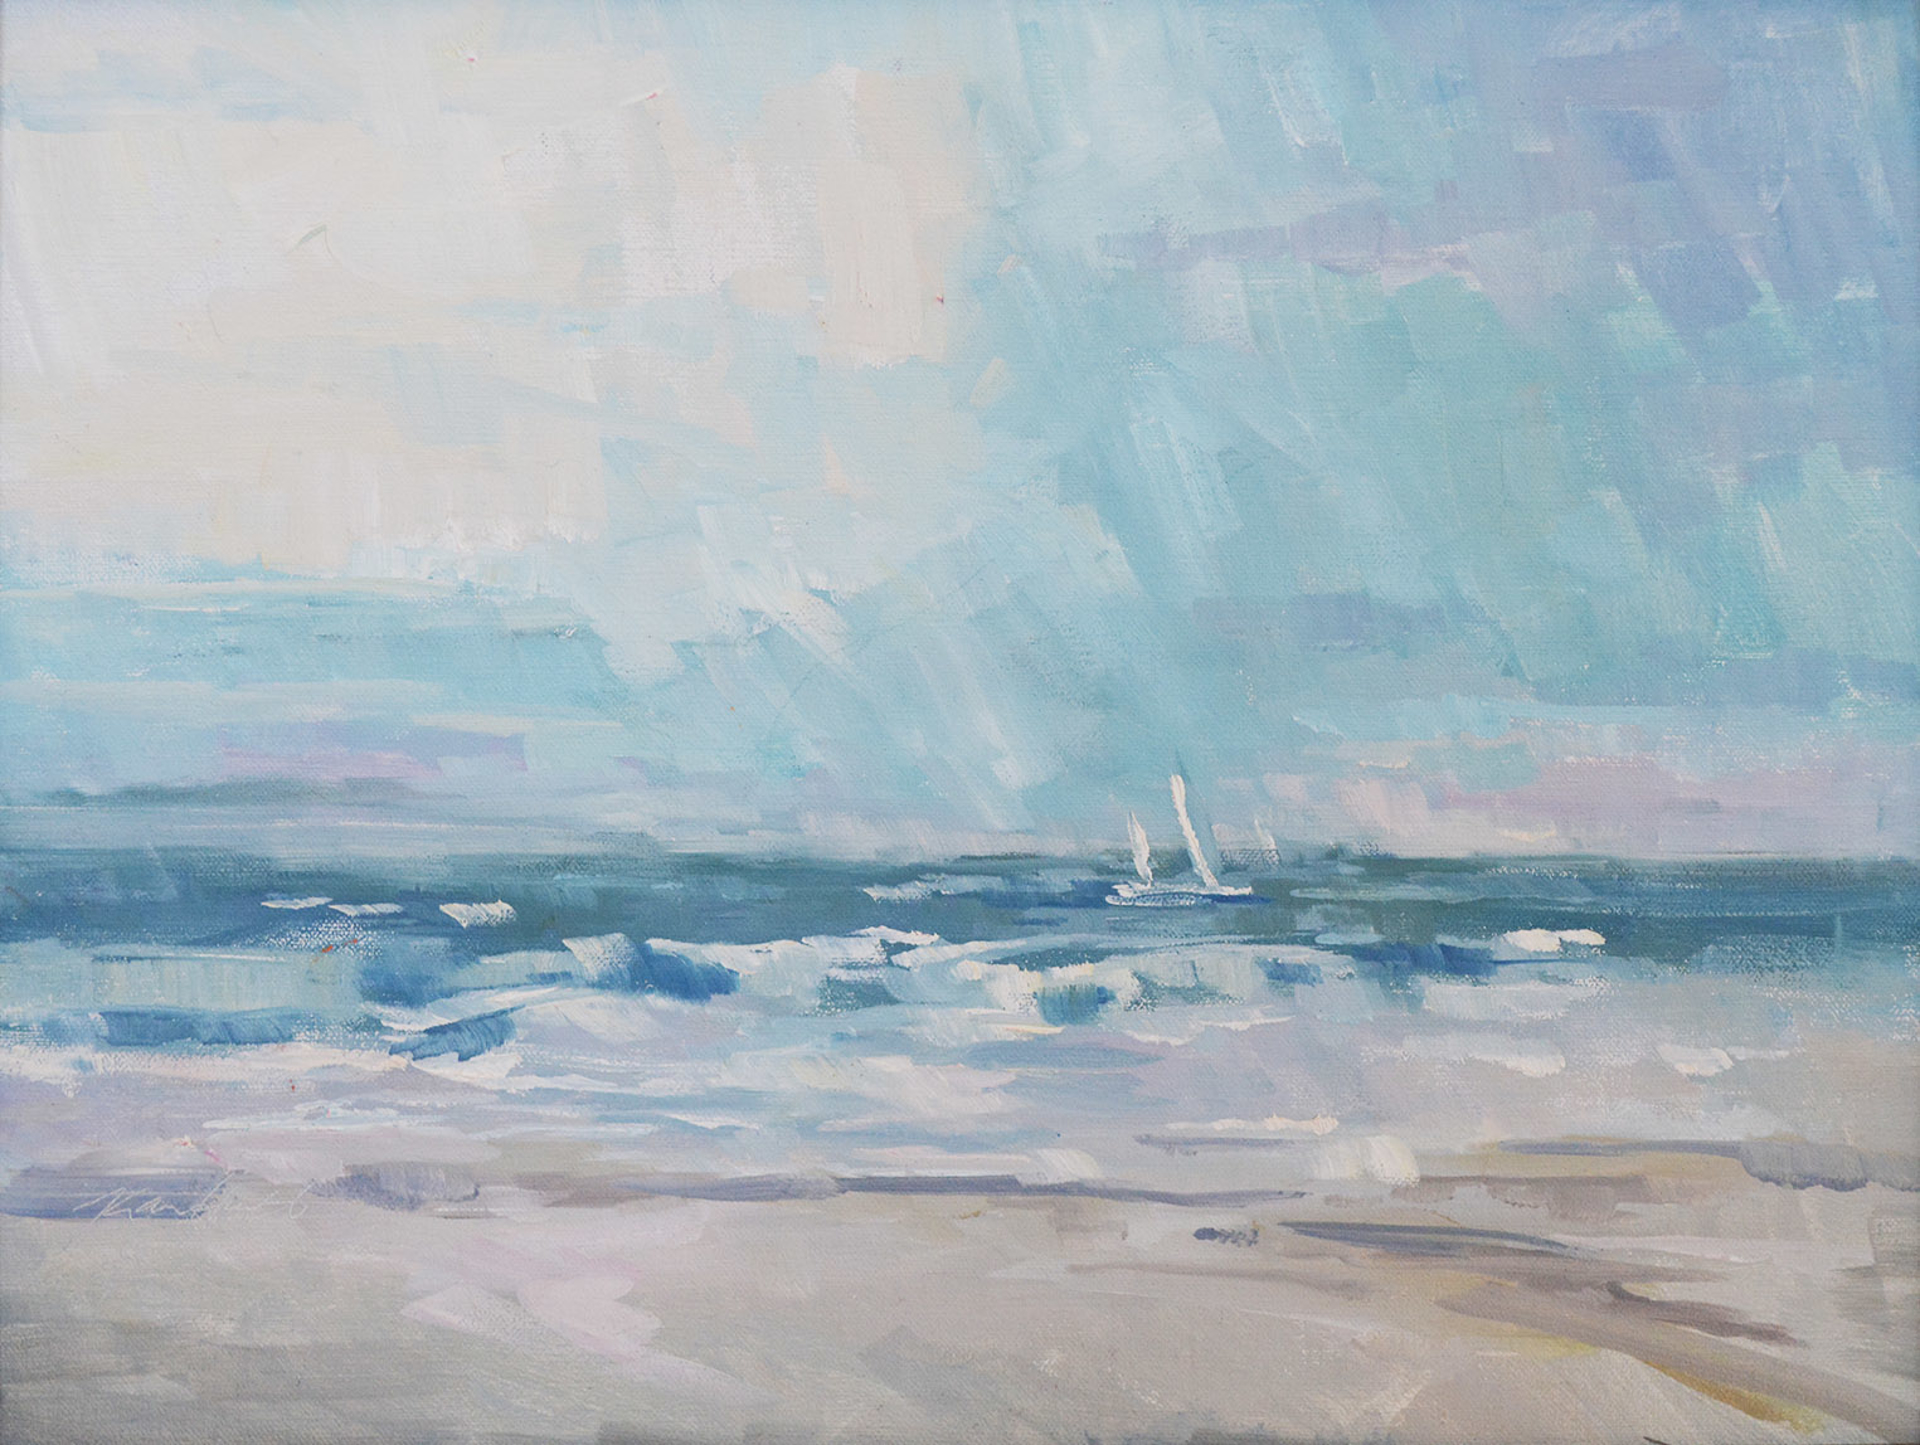 Beach Days by Karen Hewitt Hagan